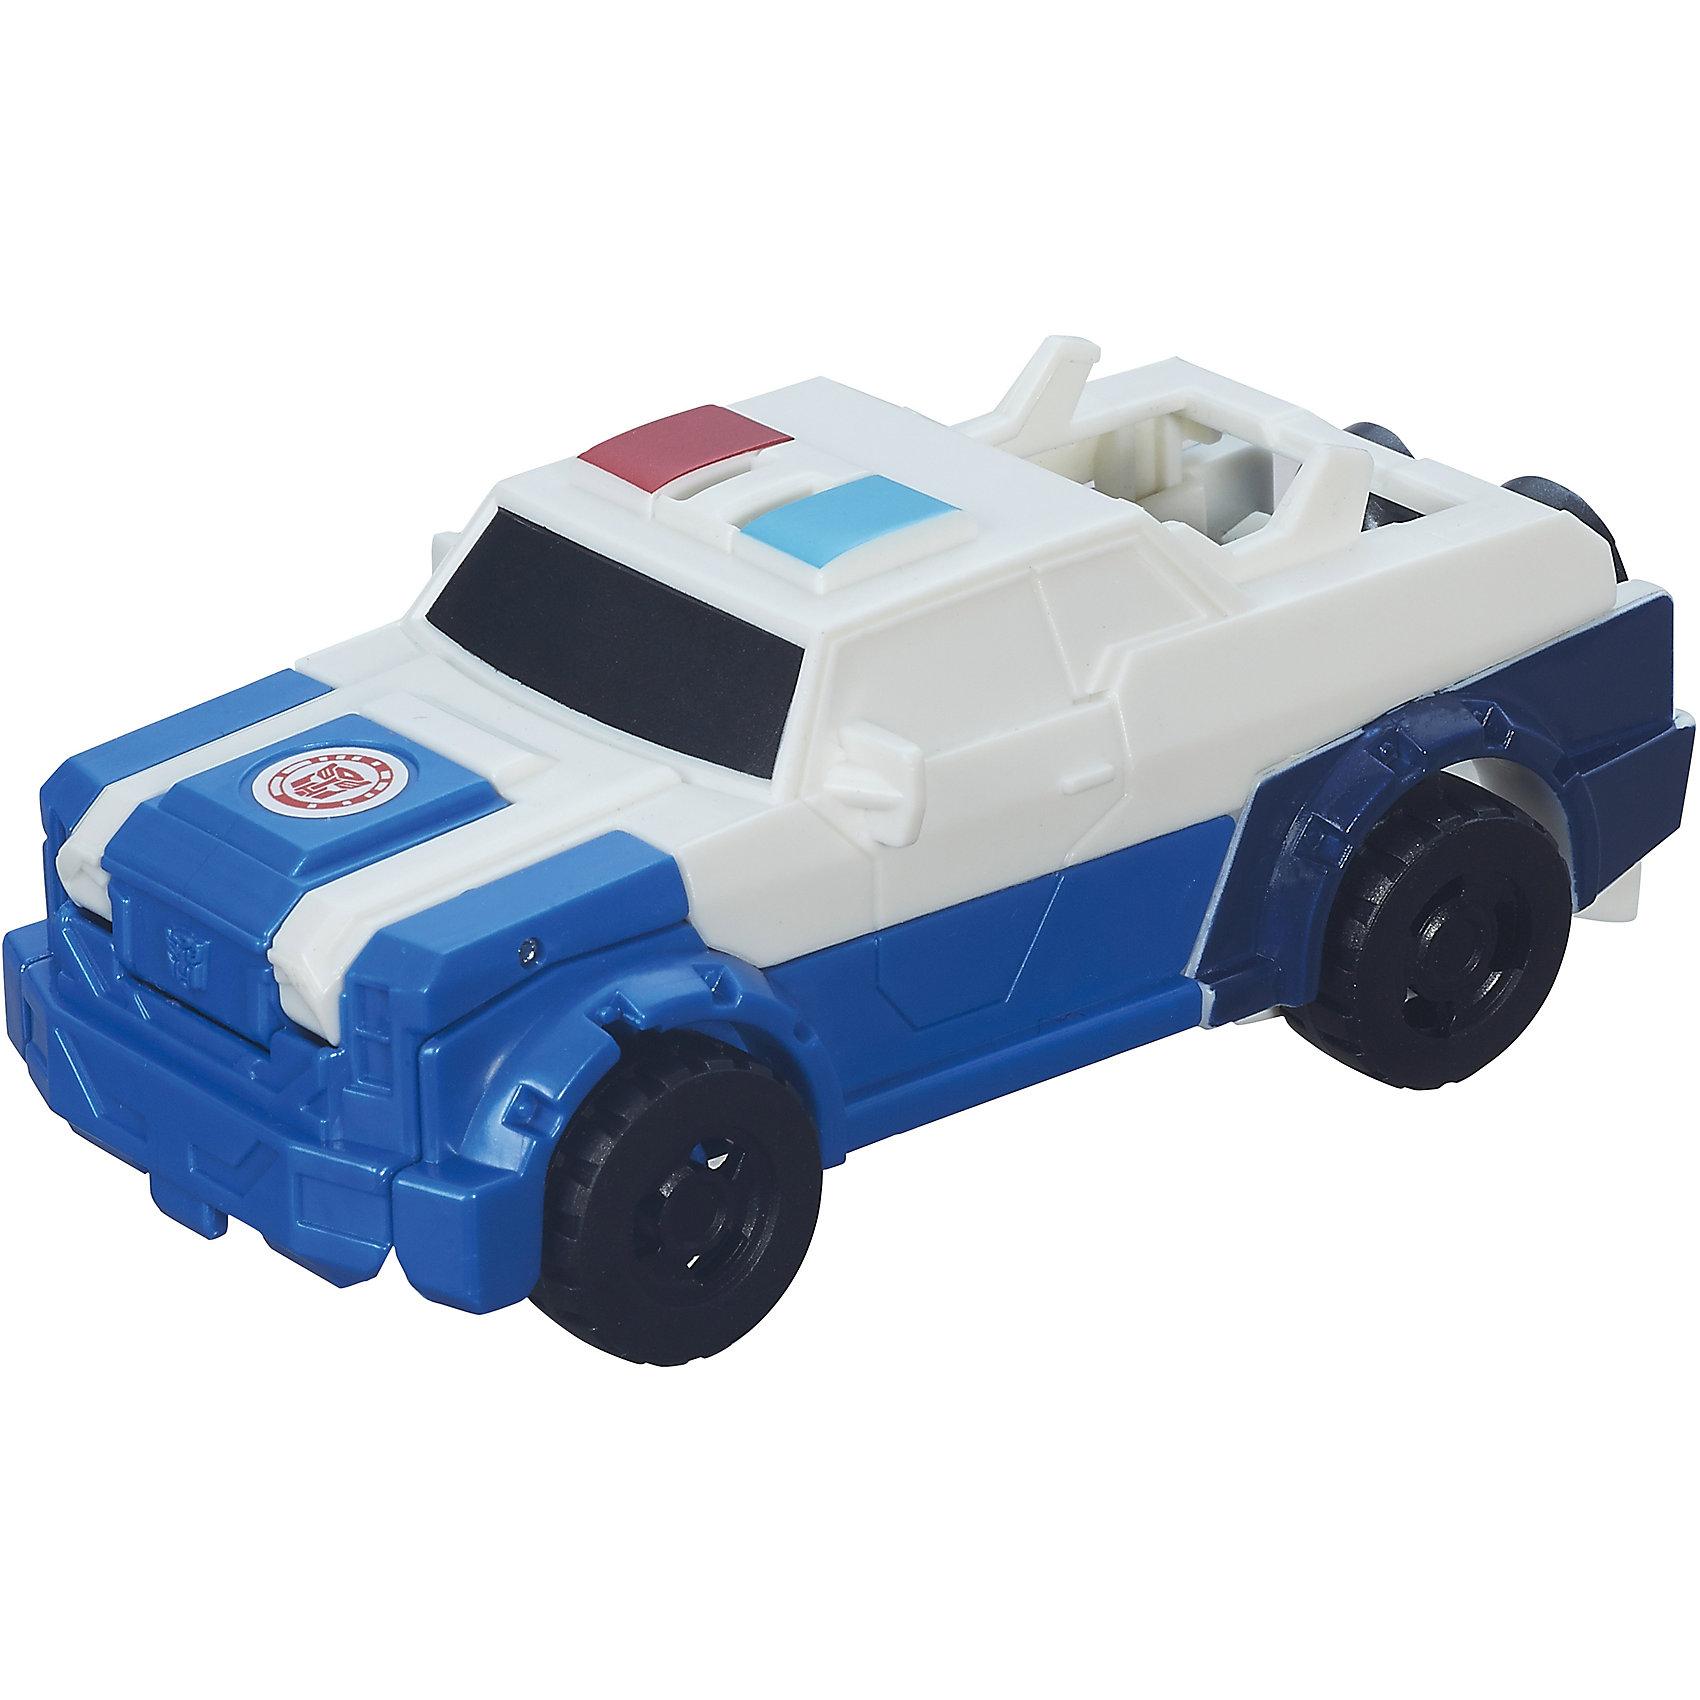 Трансформер Стронгарм, Роботс-ин-Дисгайс Уан-СтэпЛюбимые персонажи, которые трансформируются в один миг! Игрушка выполнена из высококачественного прочного пластика, прекрасно детализирована, легко и просто трансформируется всего за 5 действий. Робот имеет средний размер, ребенку удобно держать ее в руках и производить трансформации самостоятельно. Игрушки-трансформеры помогают развить мелкую моторику, логическое мышление и воображение ребенка.  Дополнительная информация:  - Комплектация: фигурка, оружие. - Размер упаковки: 15х4х15 см. - Трансформируется за 5 действий. - Материал: пластик.<br>Трансформеров Роботс-ин-Дисгайс Уан-Стэп  можно купить в нашем магазине.<br><br>Ширина мм: 178<br>Глубина мм: 151<br>Высота мм: 63<br>Вес г: 115<br>Возраст от месяцев: 60<br>Возраст до месяцев: 120<br>Пол: Мужской<br>Возраст: Детский<br>SKU: 4803357